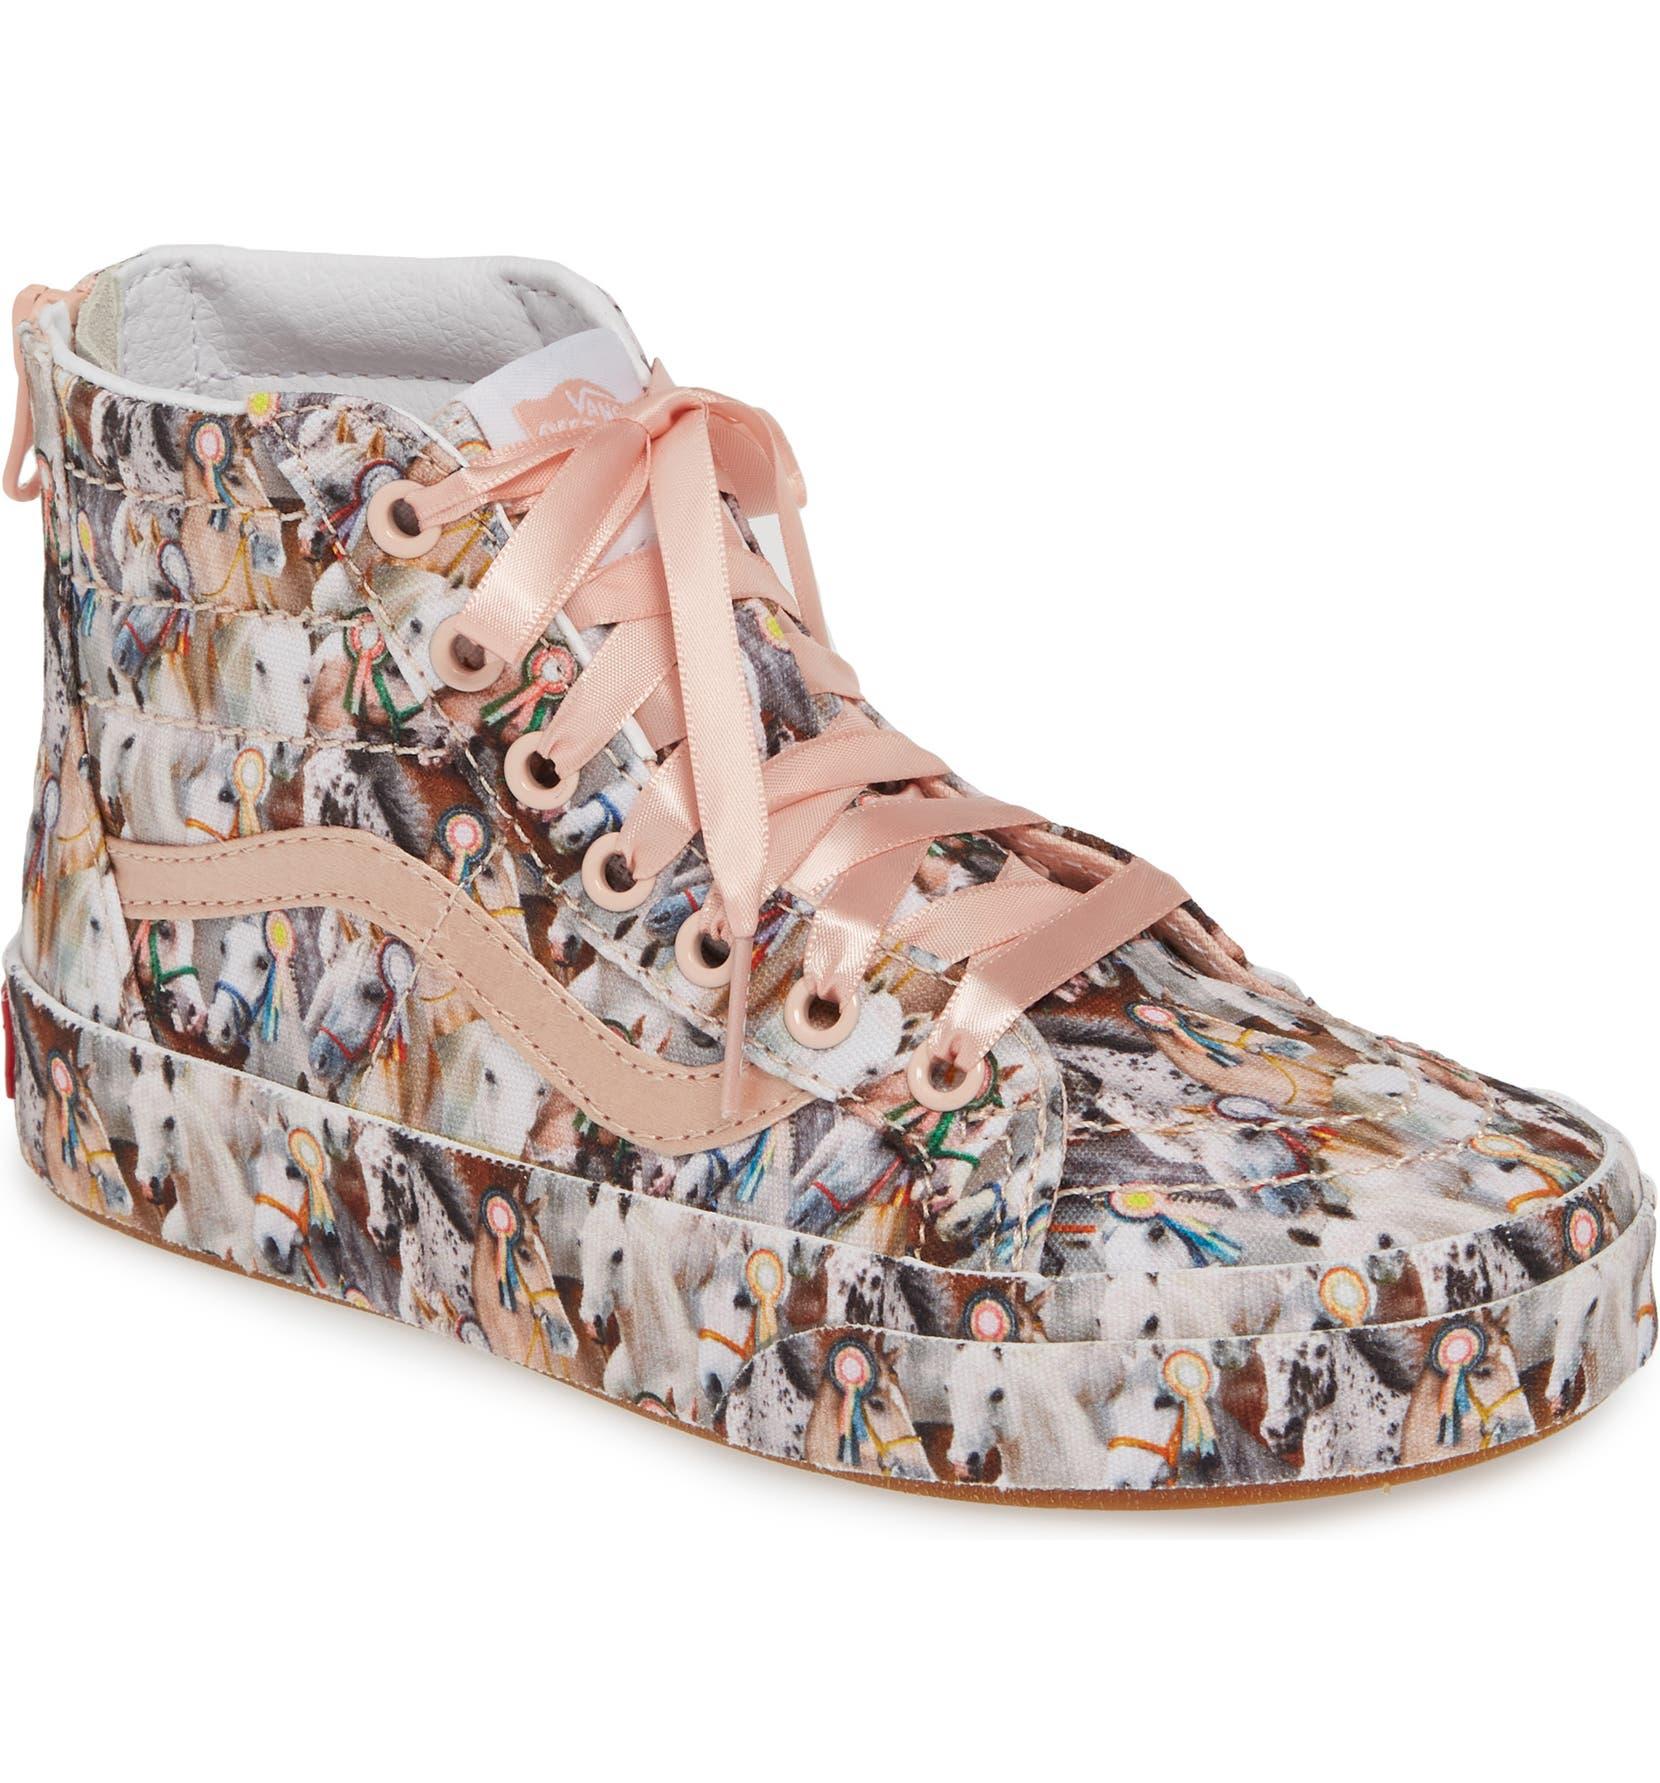 814f9291086672 Vans x Molo Sk8-Hi Zip Sneaker (Baby